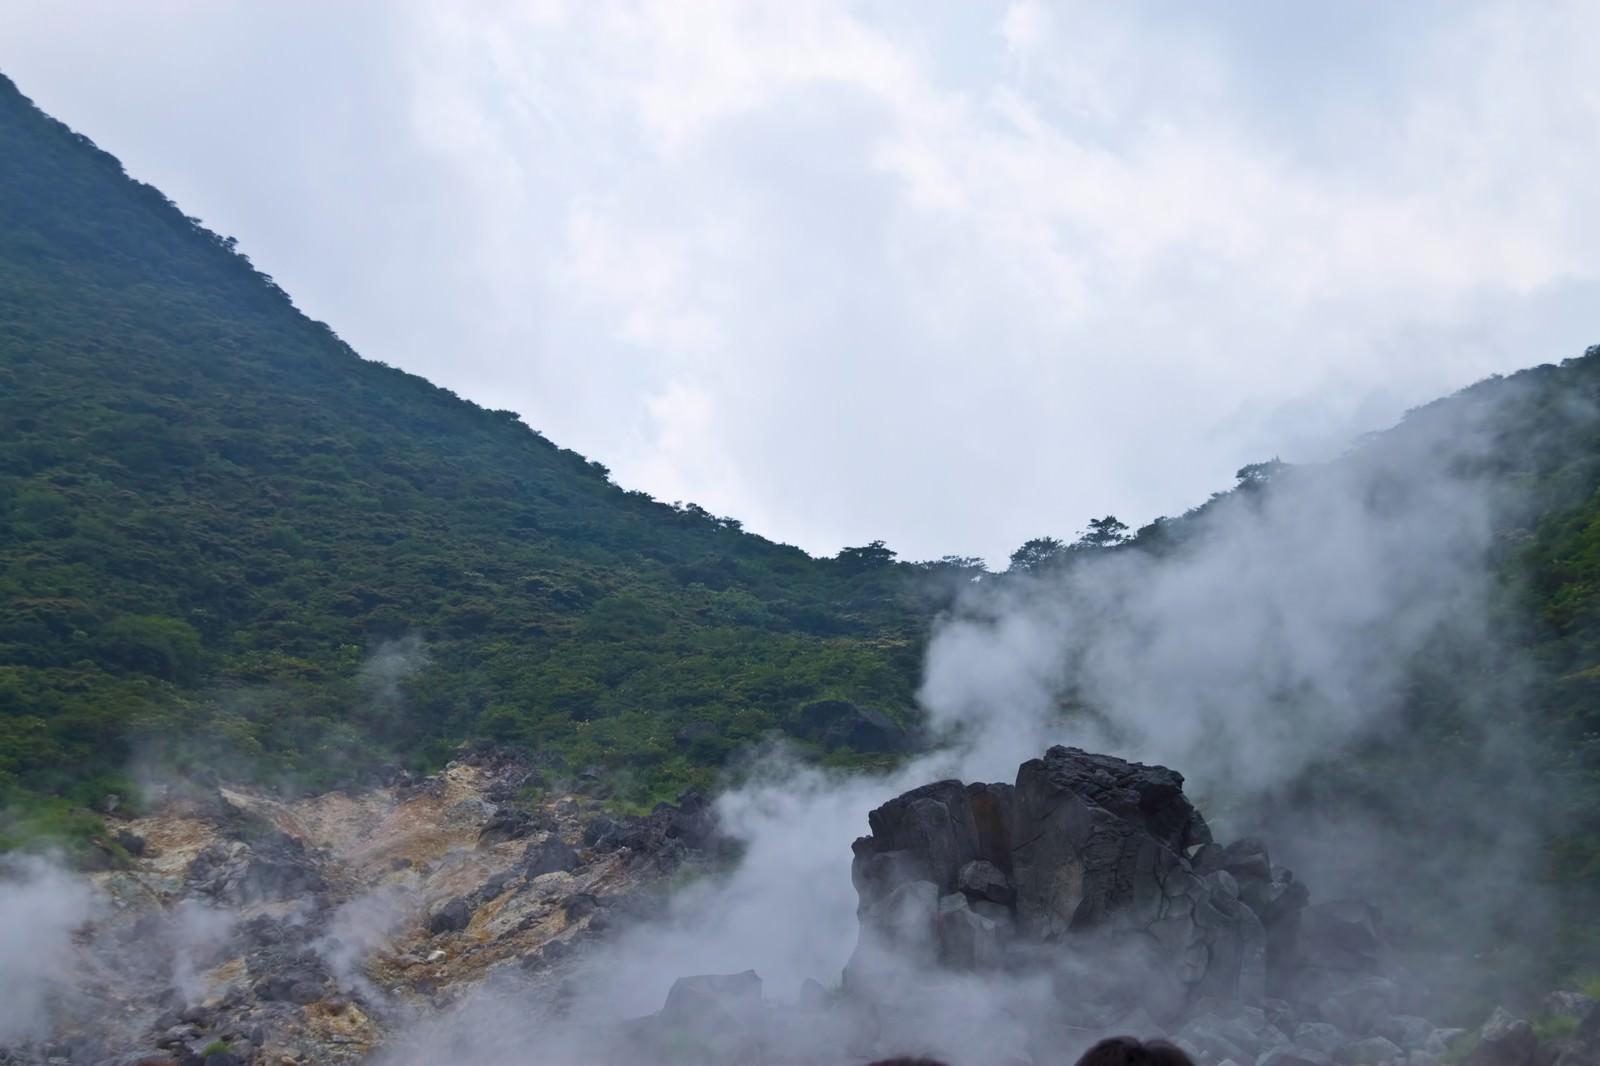 「水蒸気が立ち上る大涌谷」の写真